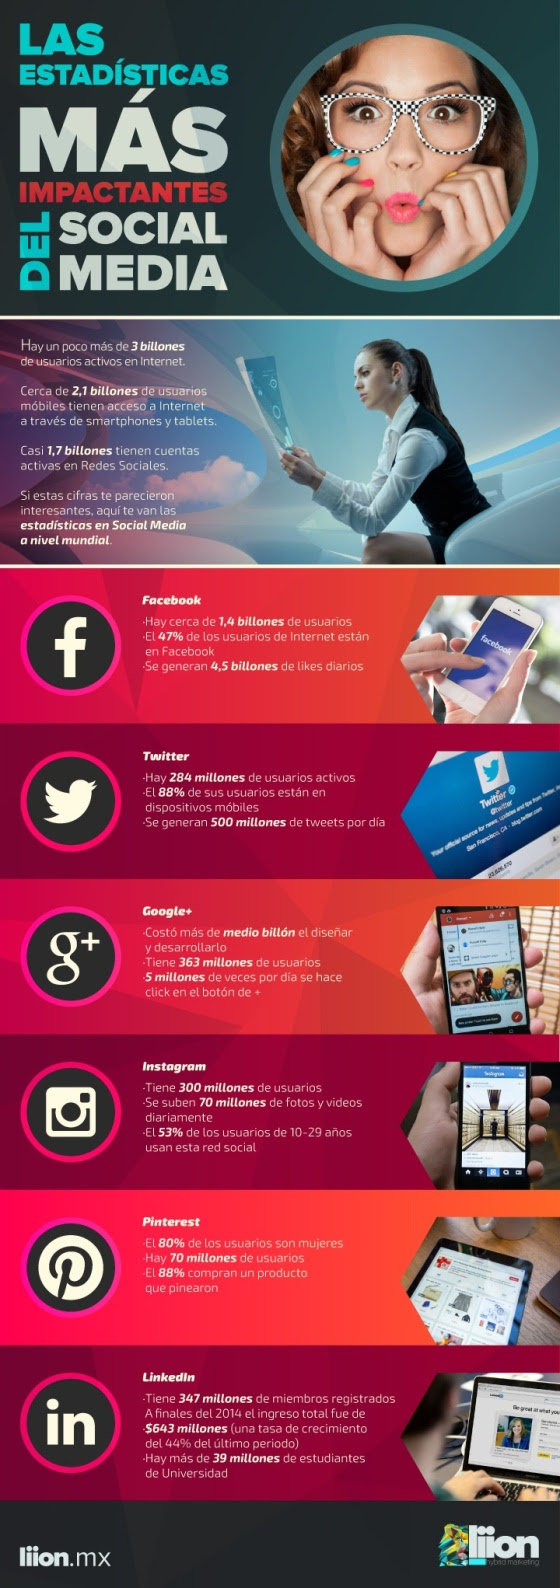 Las estadísticas más impactantes de las Redes Sociales